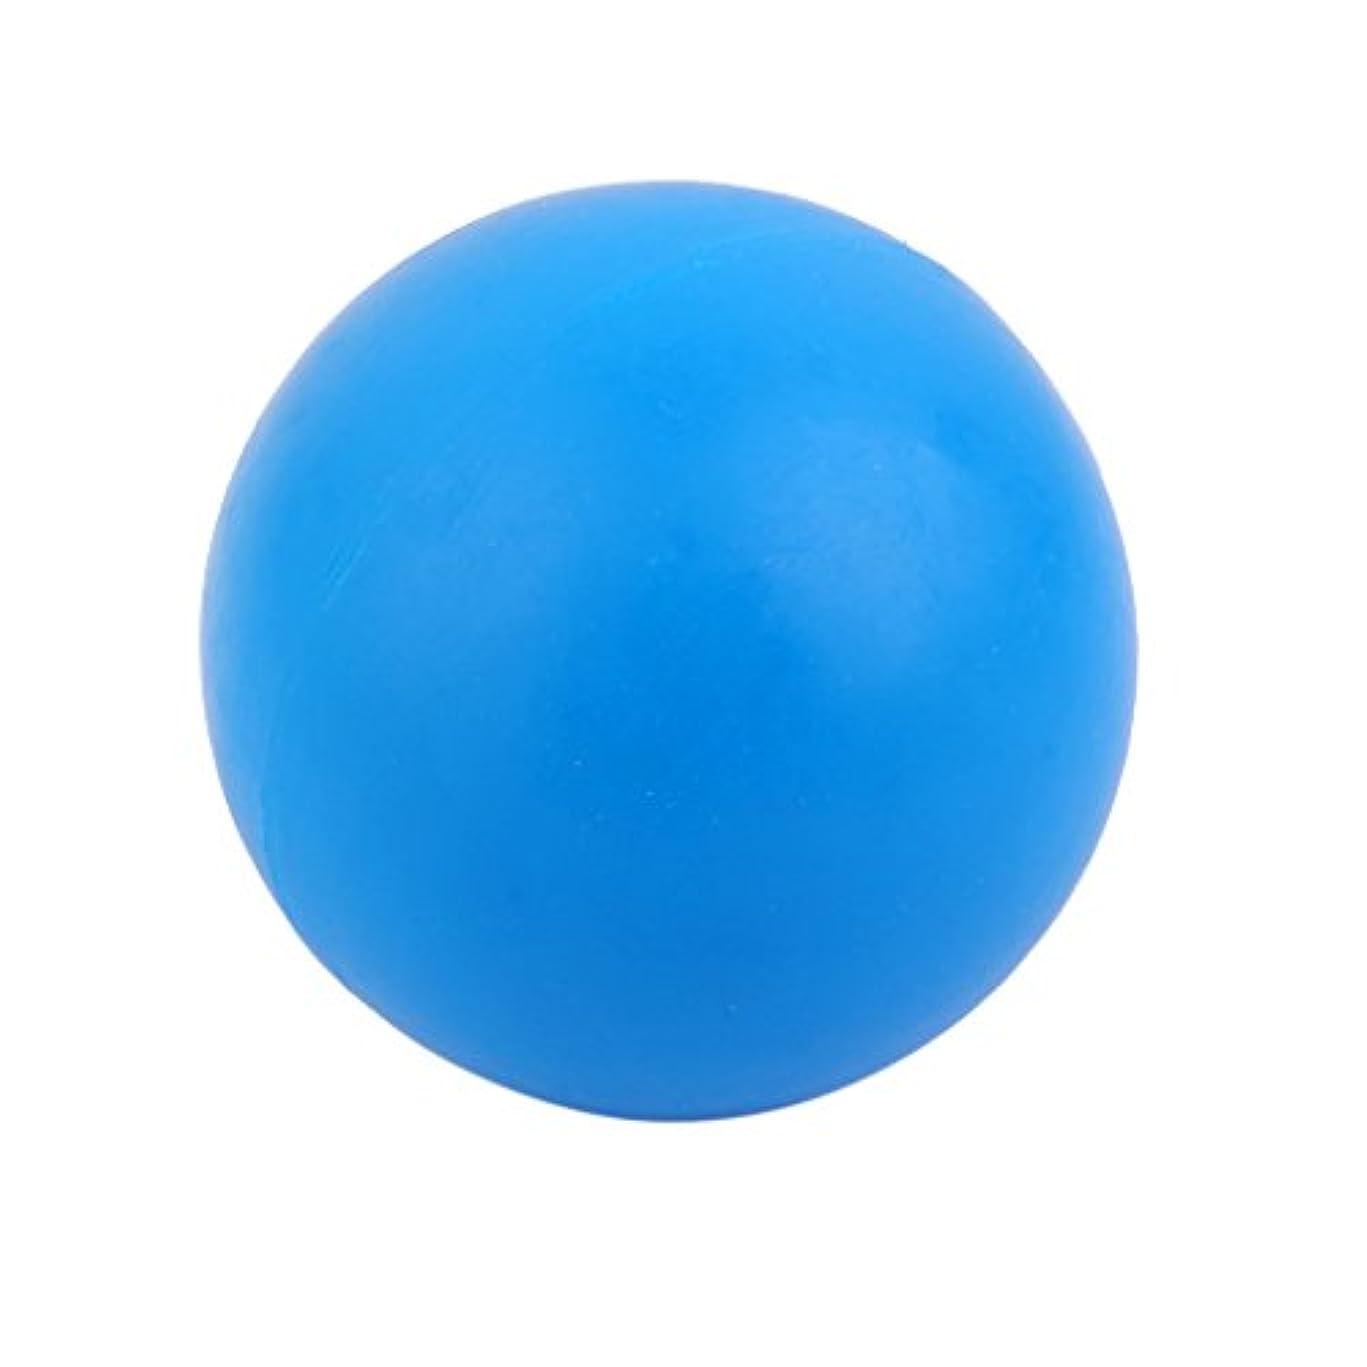 アルバム虫アルコールマッサージボール 反応ボール トレーニングボール